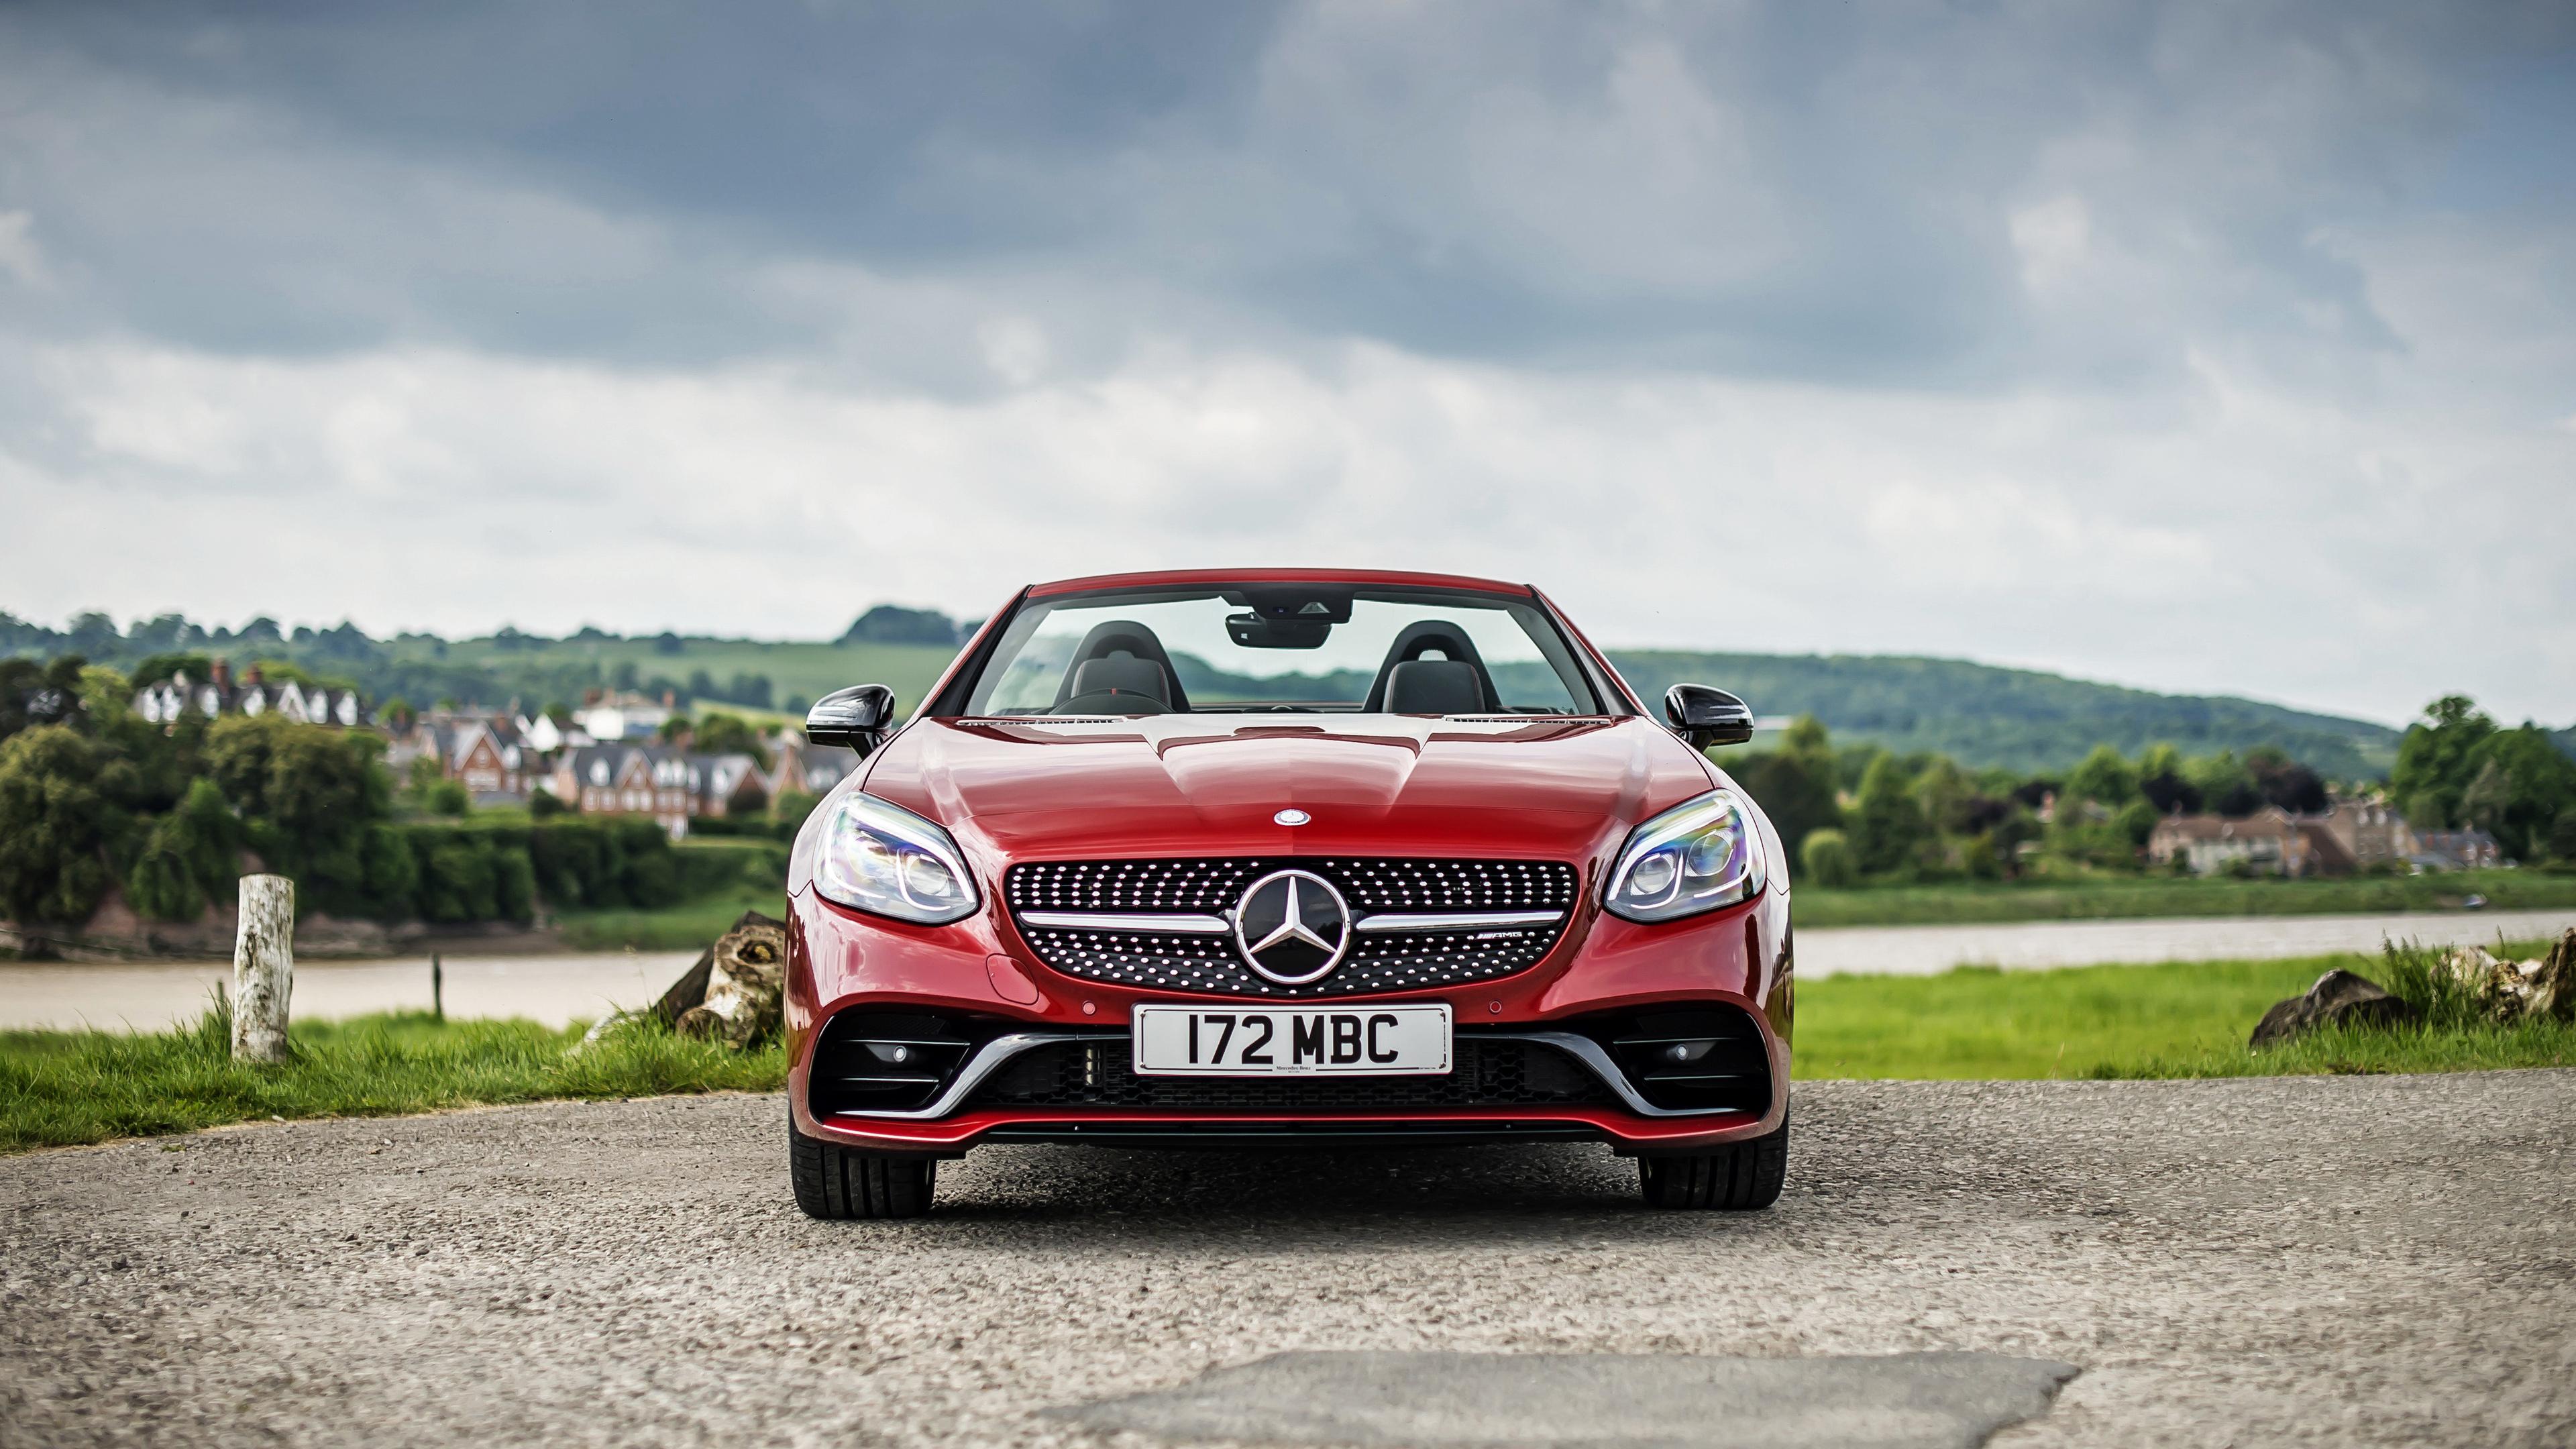 2017 amg mercedes benz slc wallpaper hd car wallpapers for Mercedes benz sports car 2017